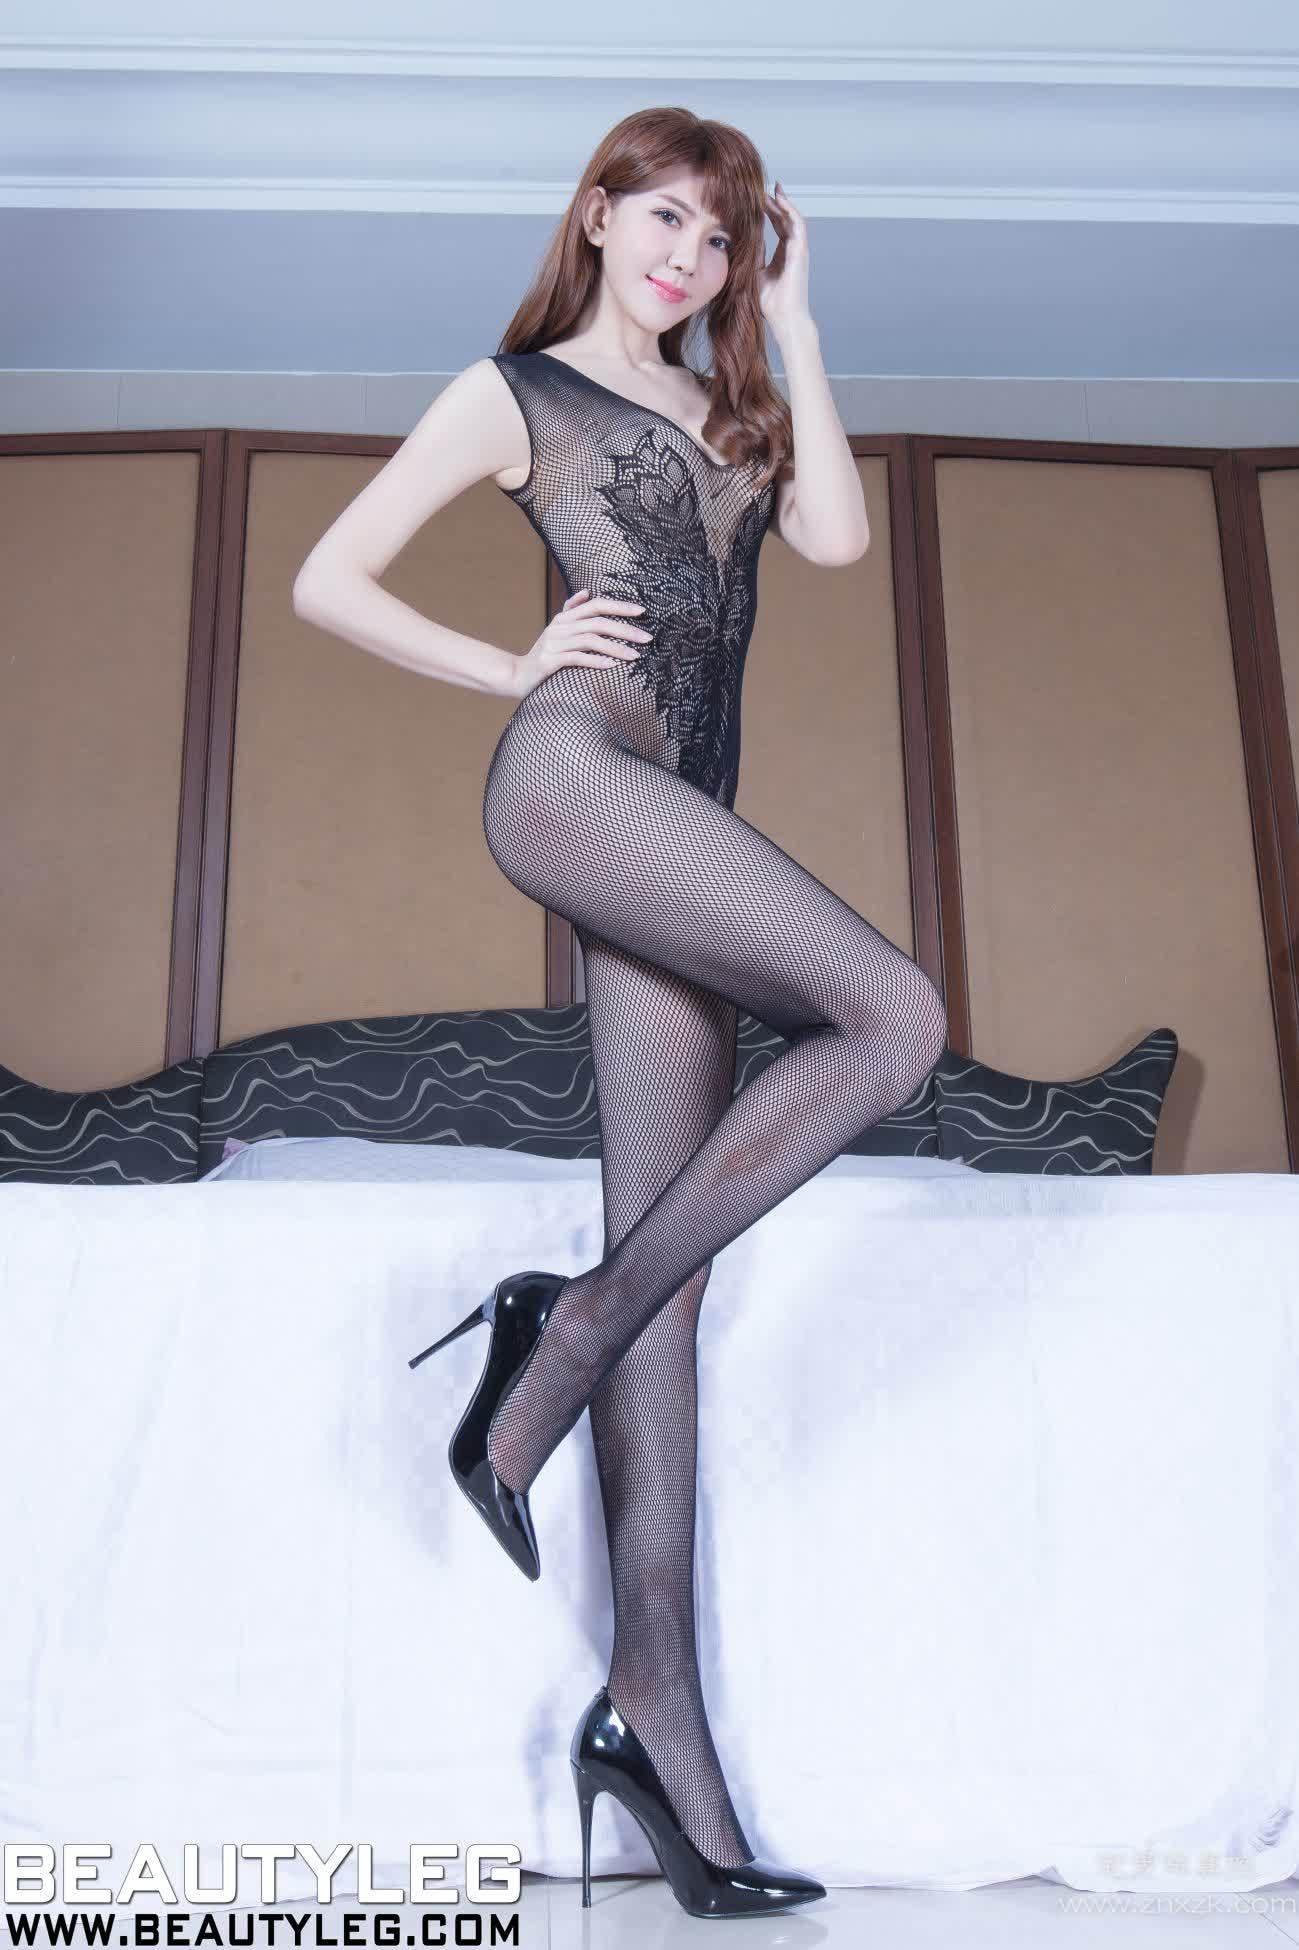 BEAUTYLEG台湾腿模写真 No.1565 Maggie